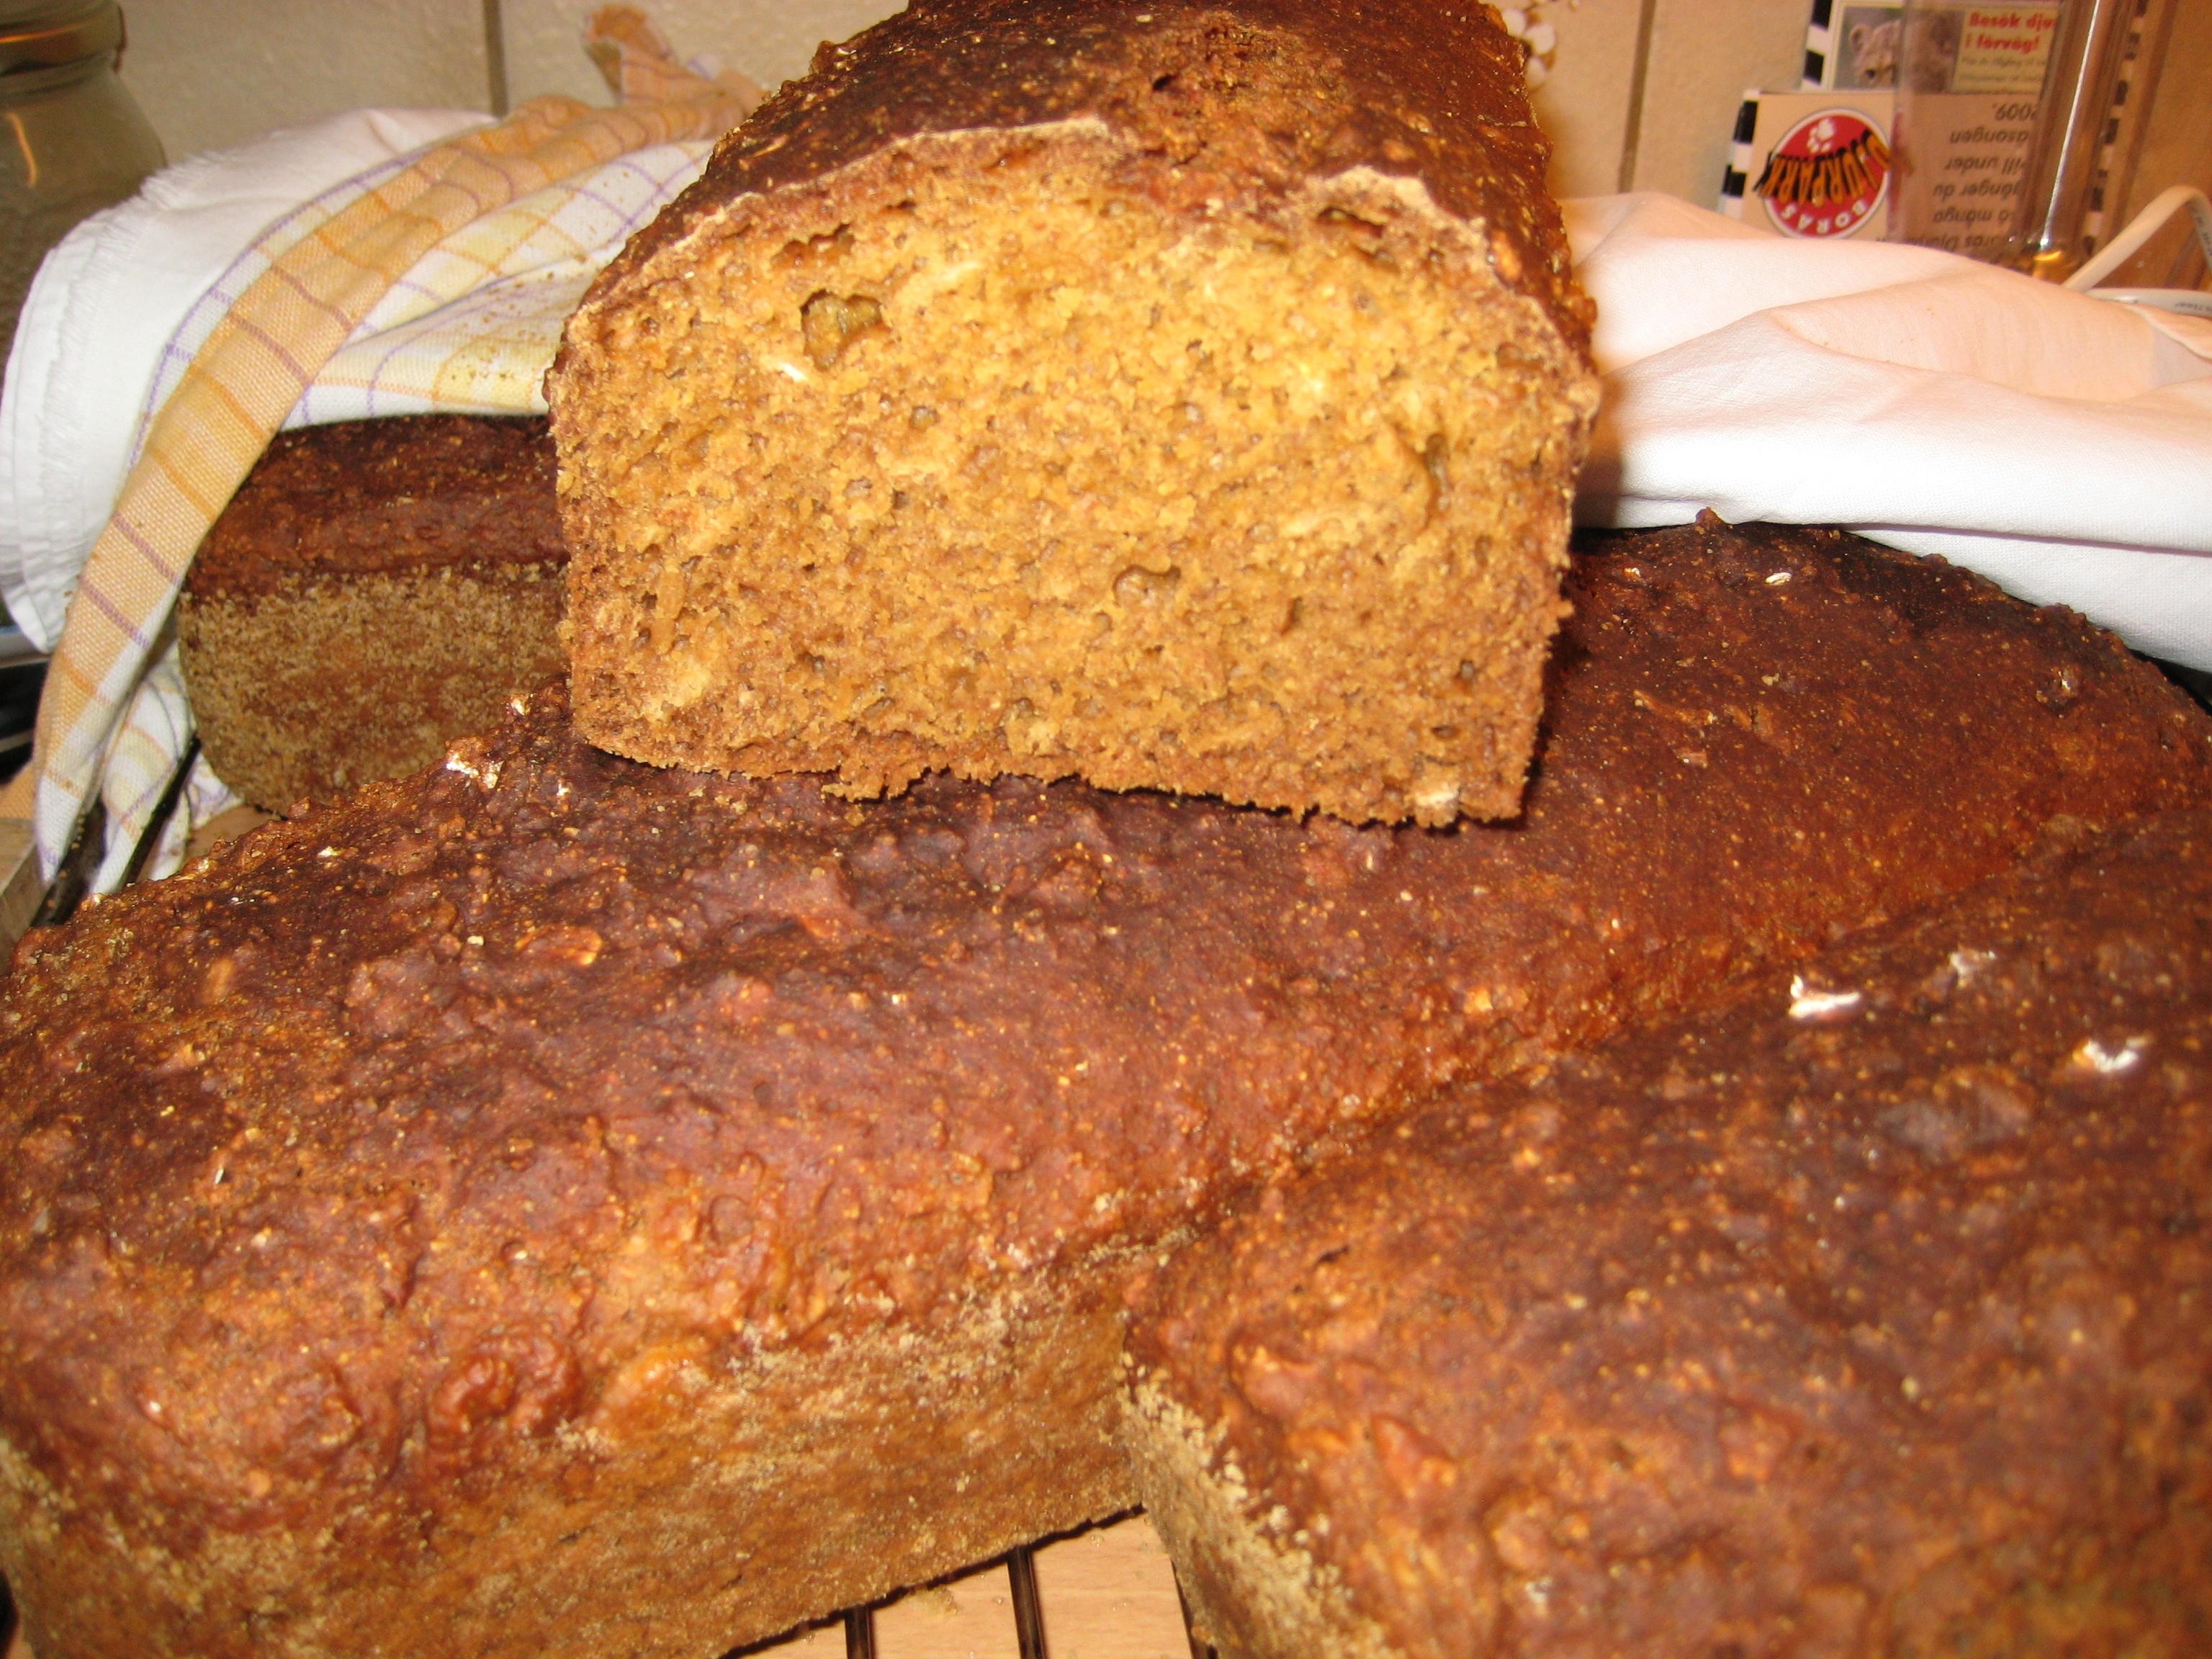 Ebbas goda bröd